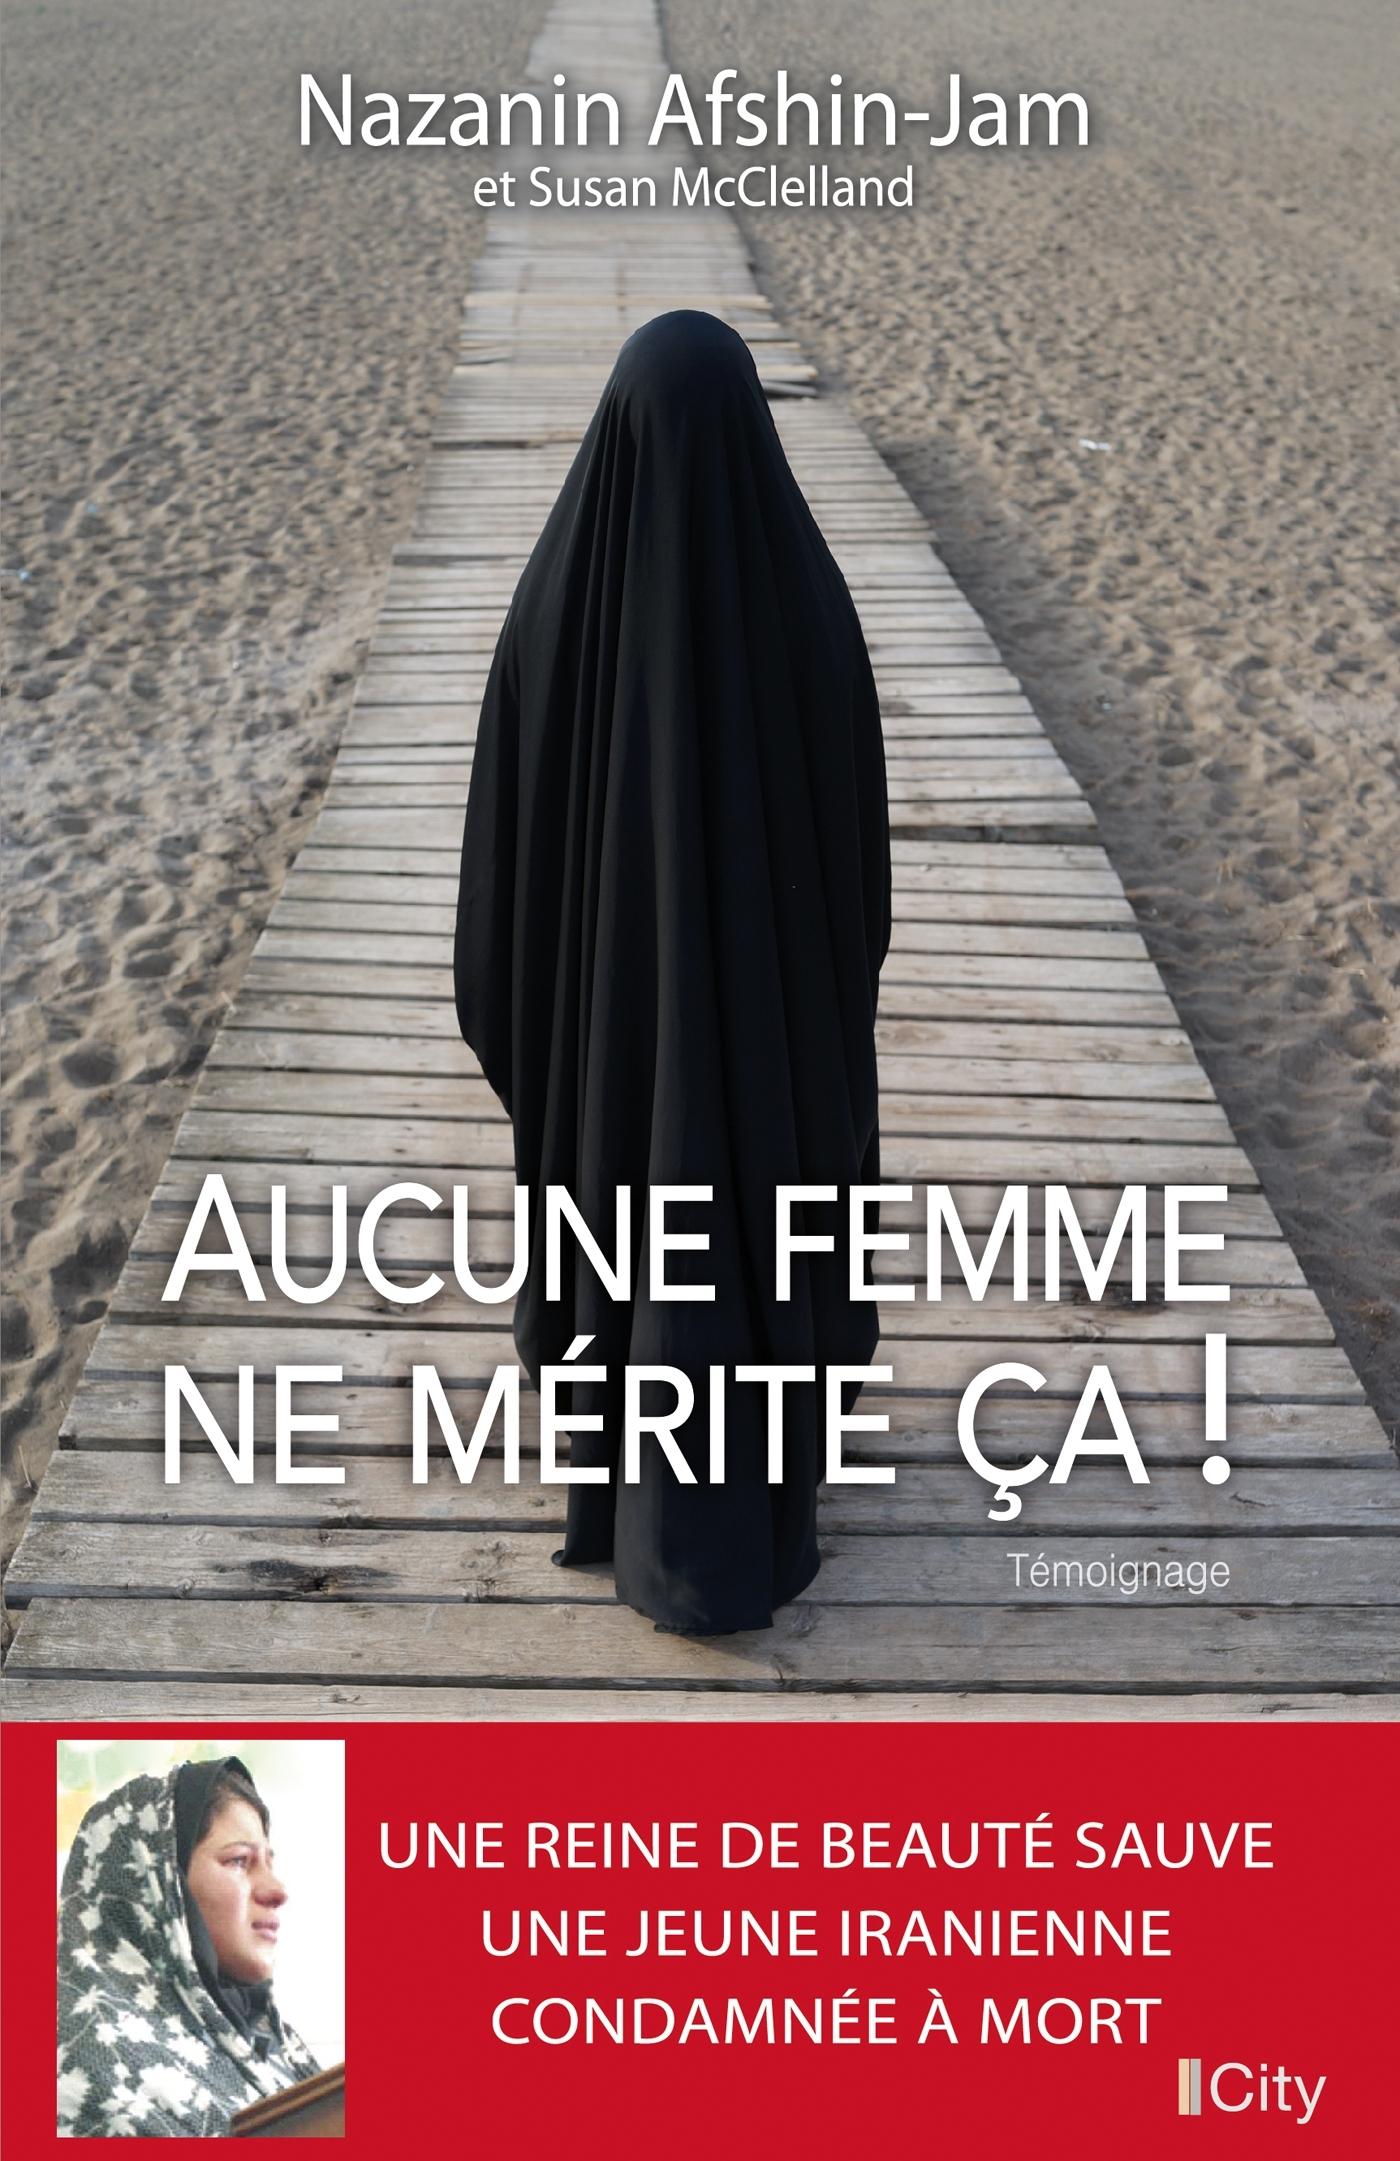 AUCUNE FEMME NE MERITE CA